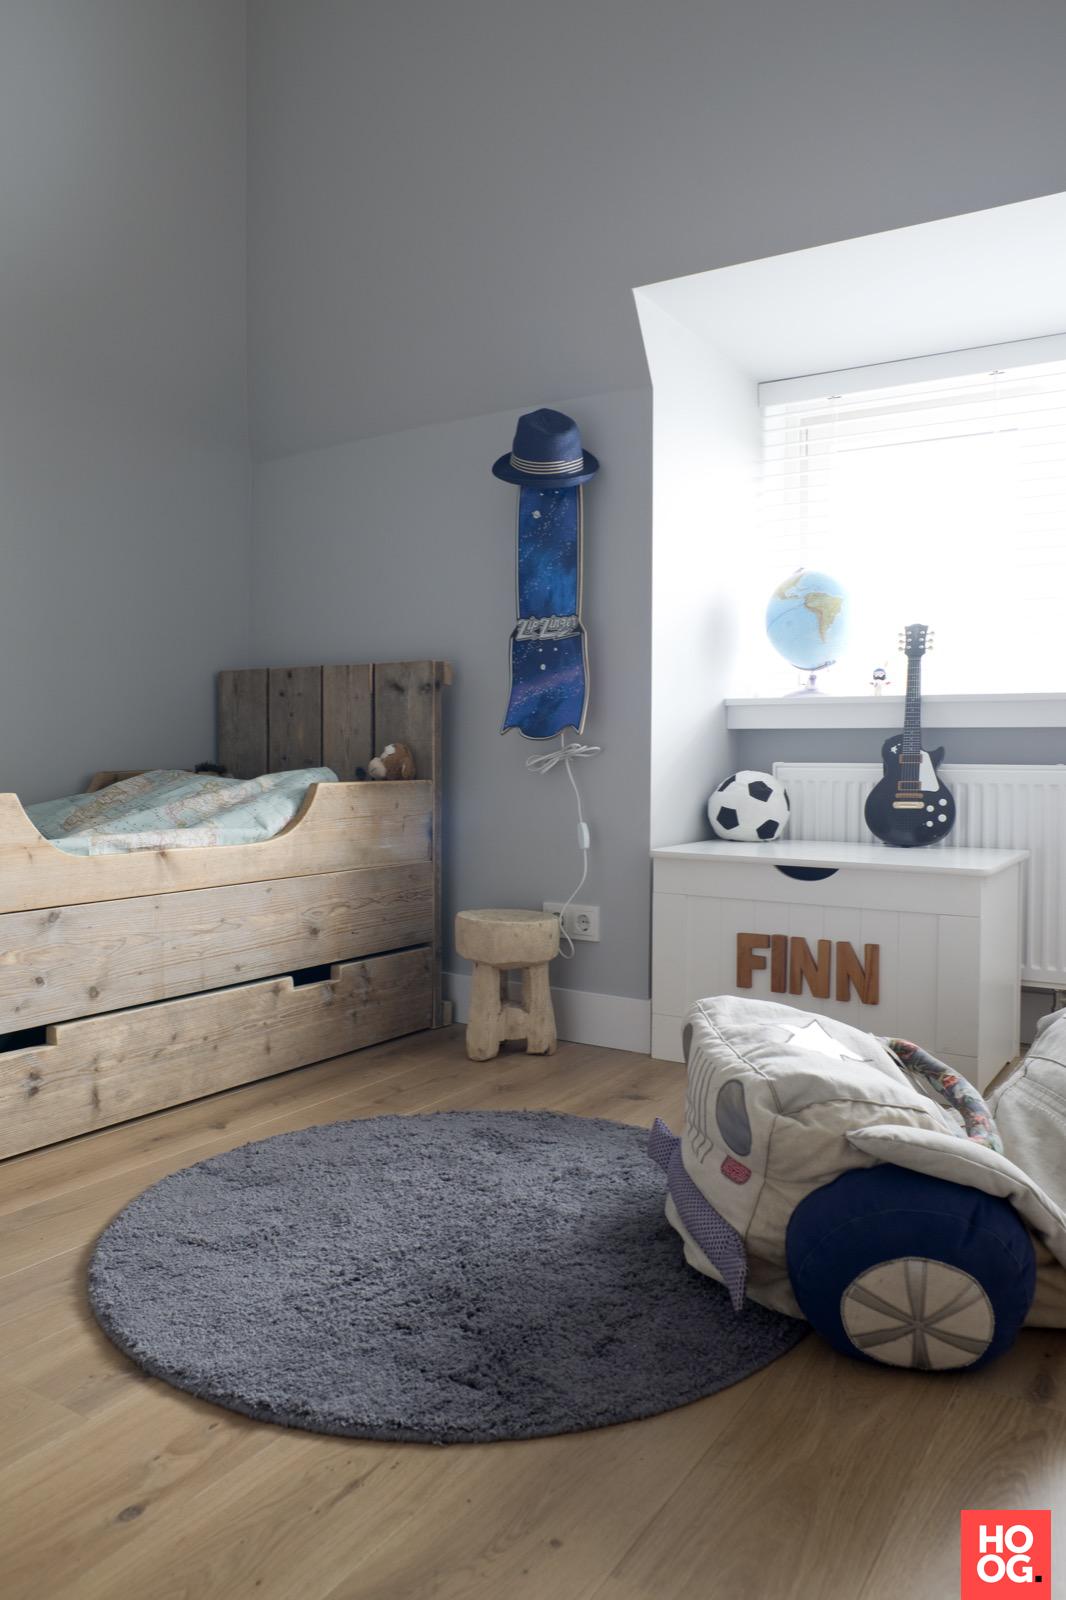 kinder slaapkamer   In Toom - Stadsvilla   slaapkamer inspiratie ...